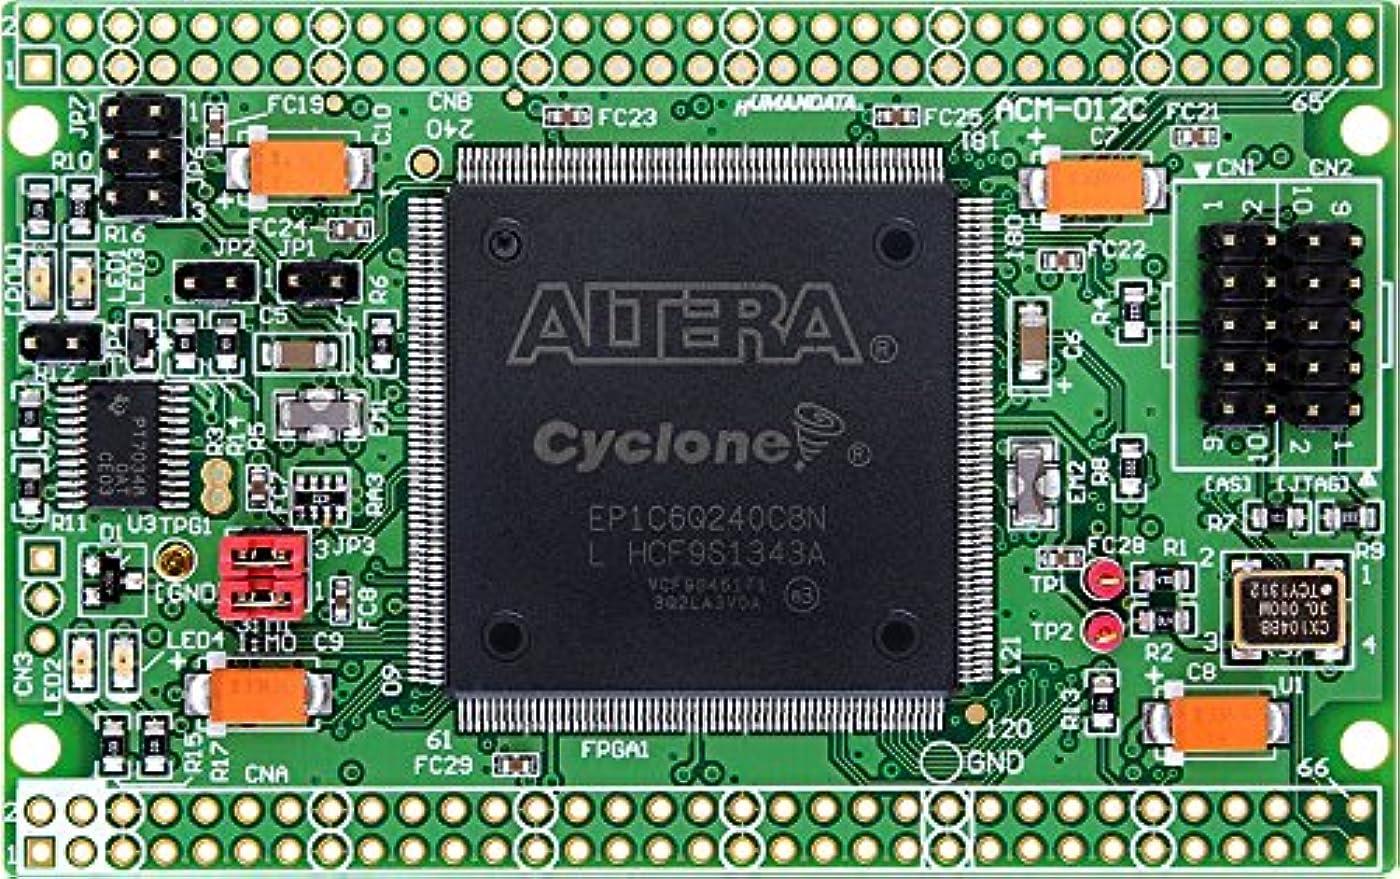 手綱ハンバーガー哺乳類Cyclone Q240ブレッドボード(5Vレベルコンバータ搭載)(ACM-012-12)